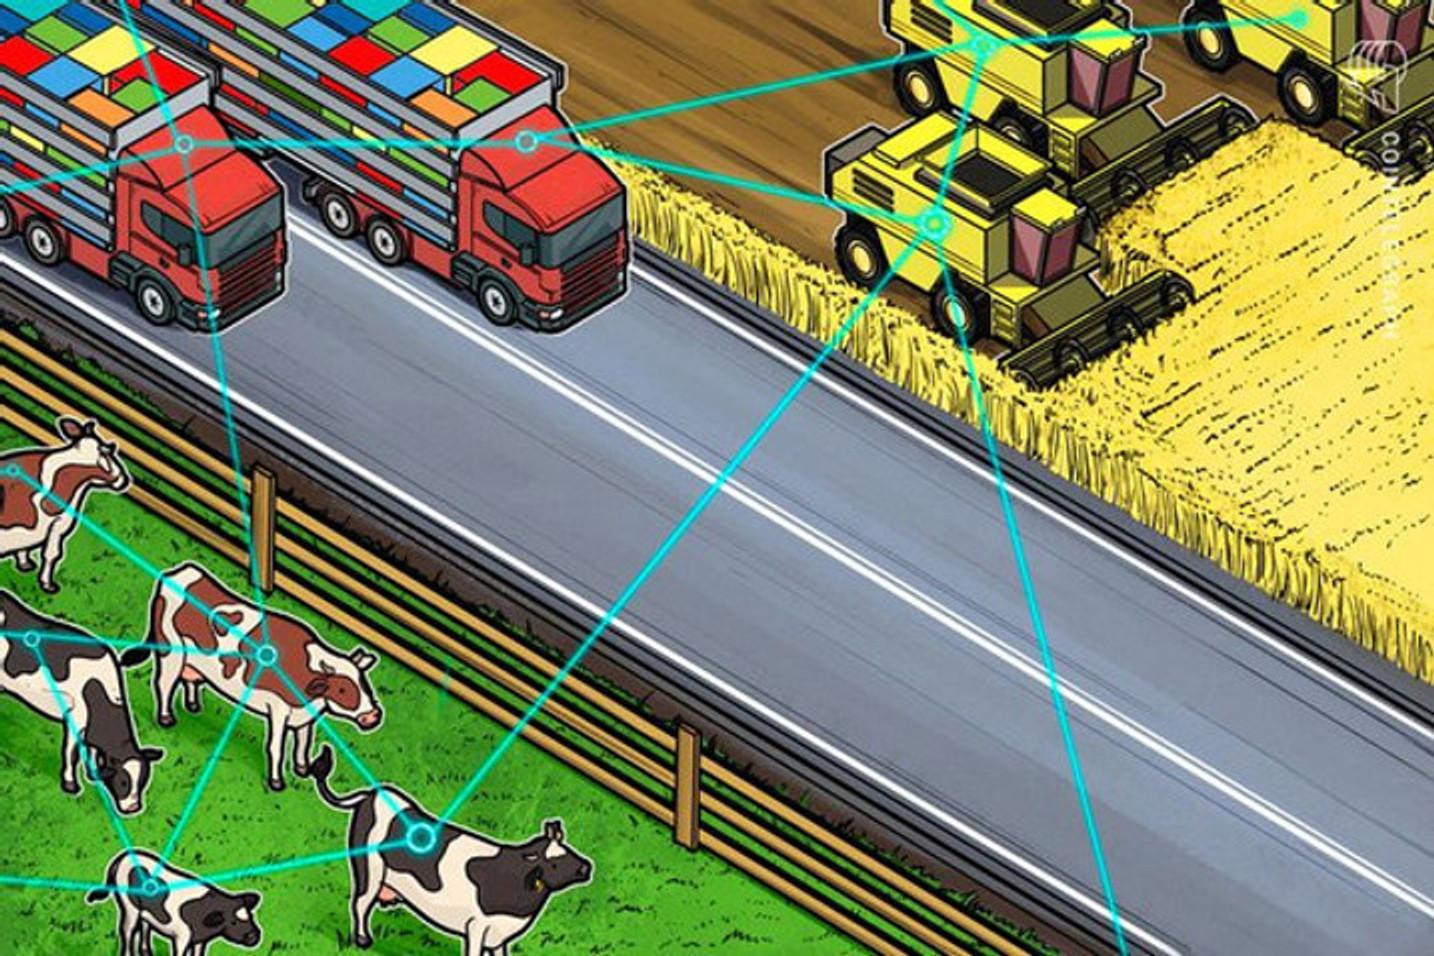 Não haverá agricultura no futuro sem blockchain e novas tecnologias, dizem especialistas brasileiros